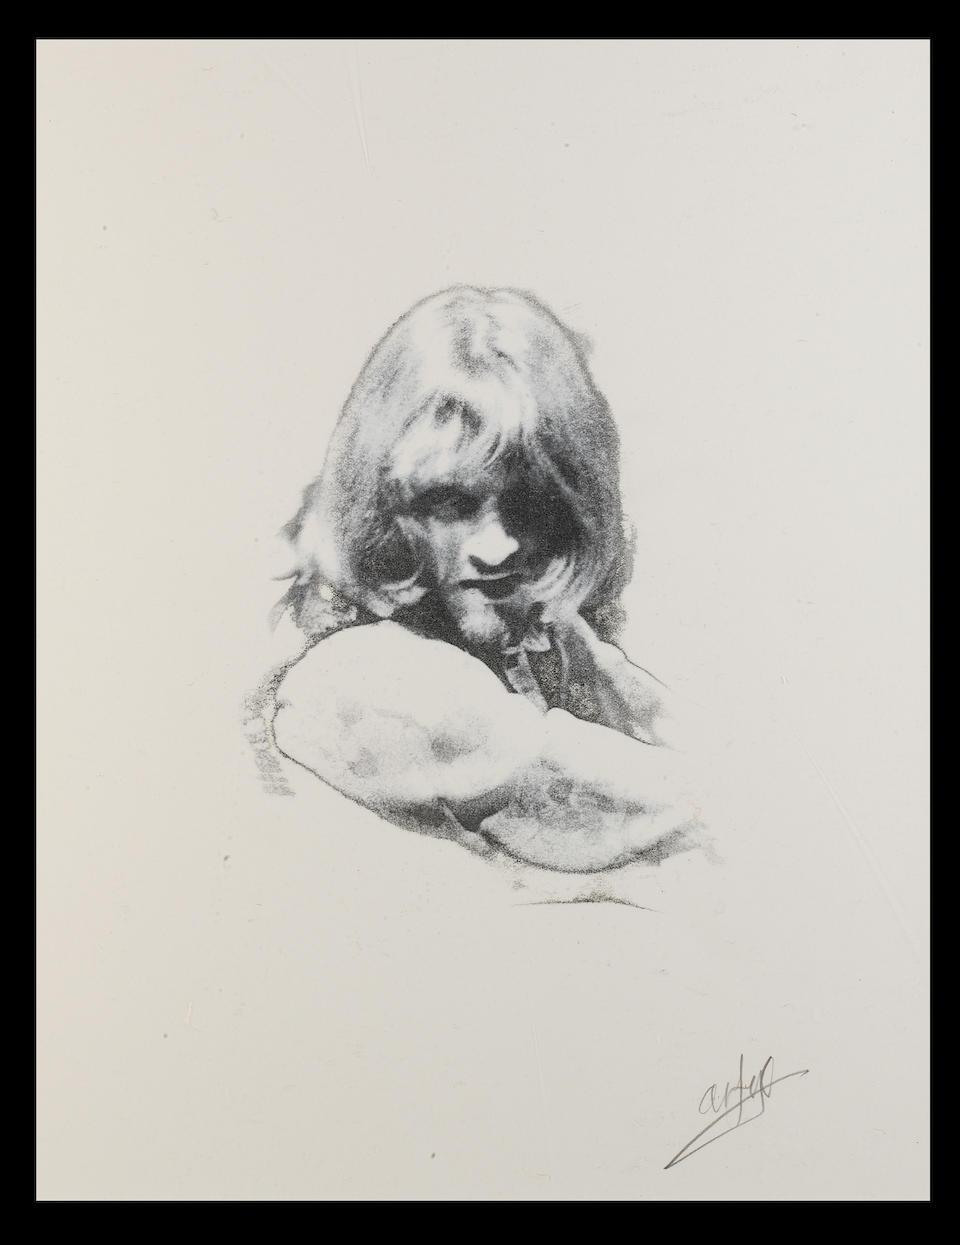 Led Zeppelin: 'BBC Sessions' album artwork, 1997,